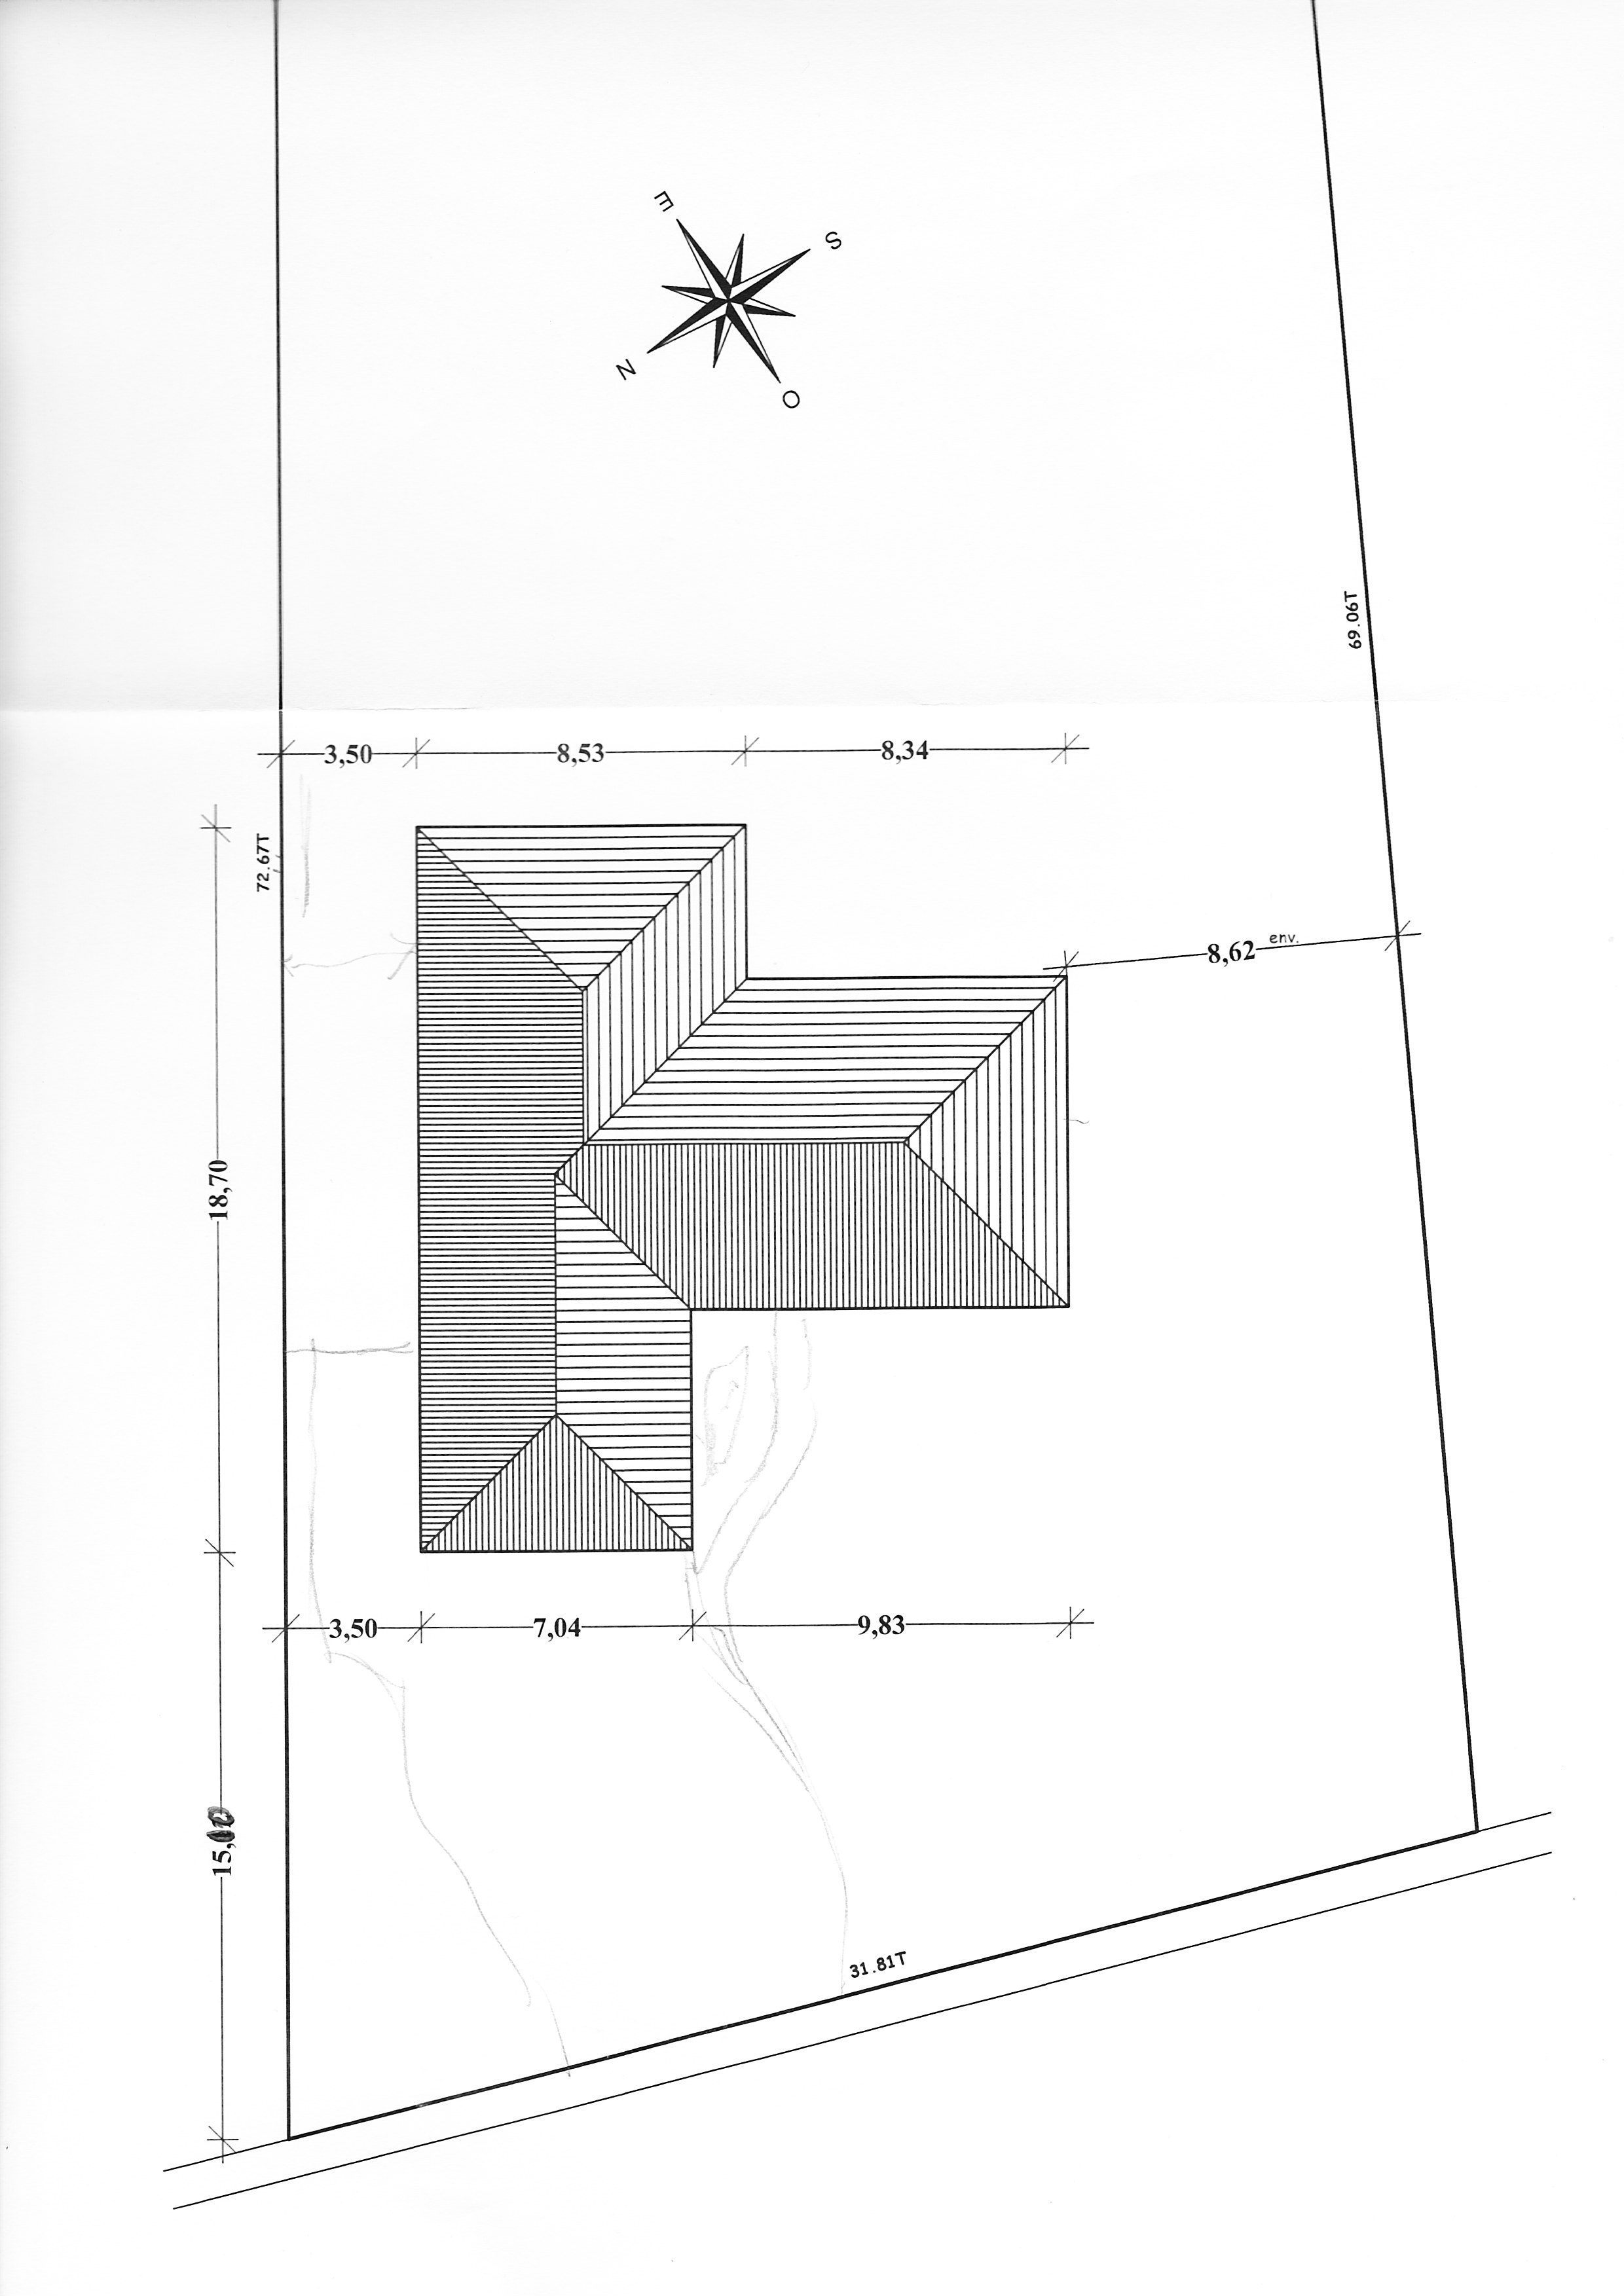 Avis plan maison 150m² en T de plein-pied - 23 messages